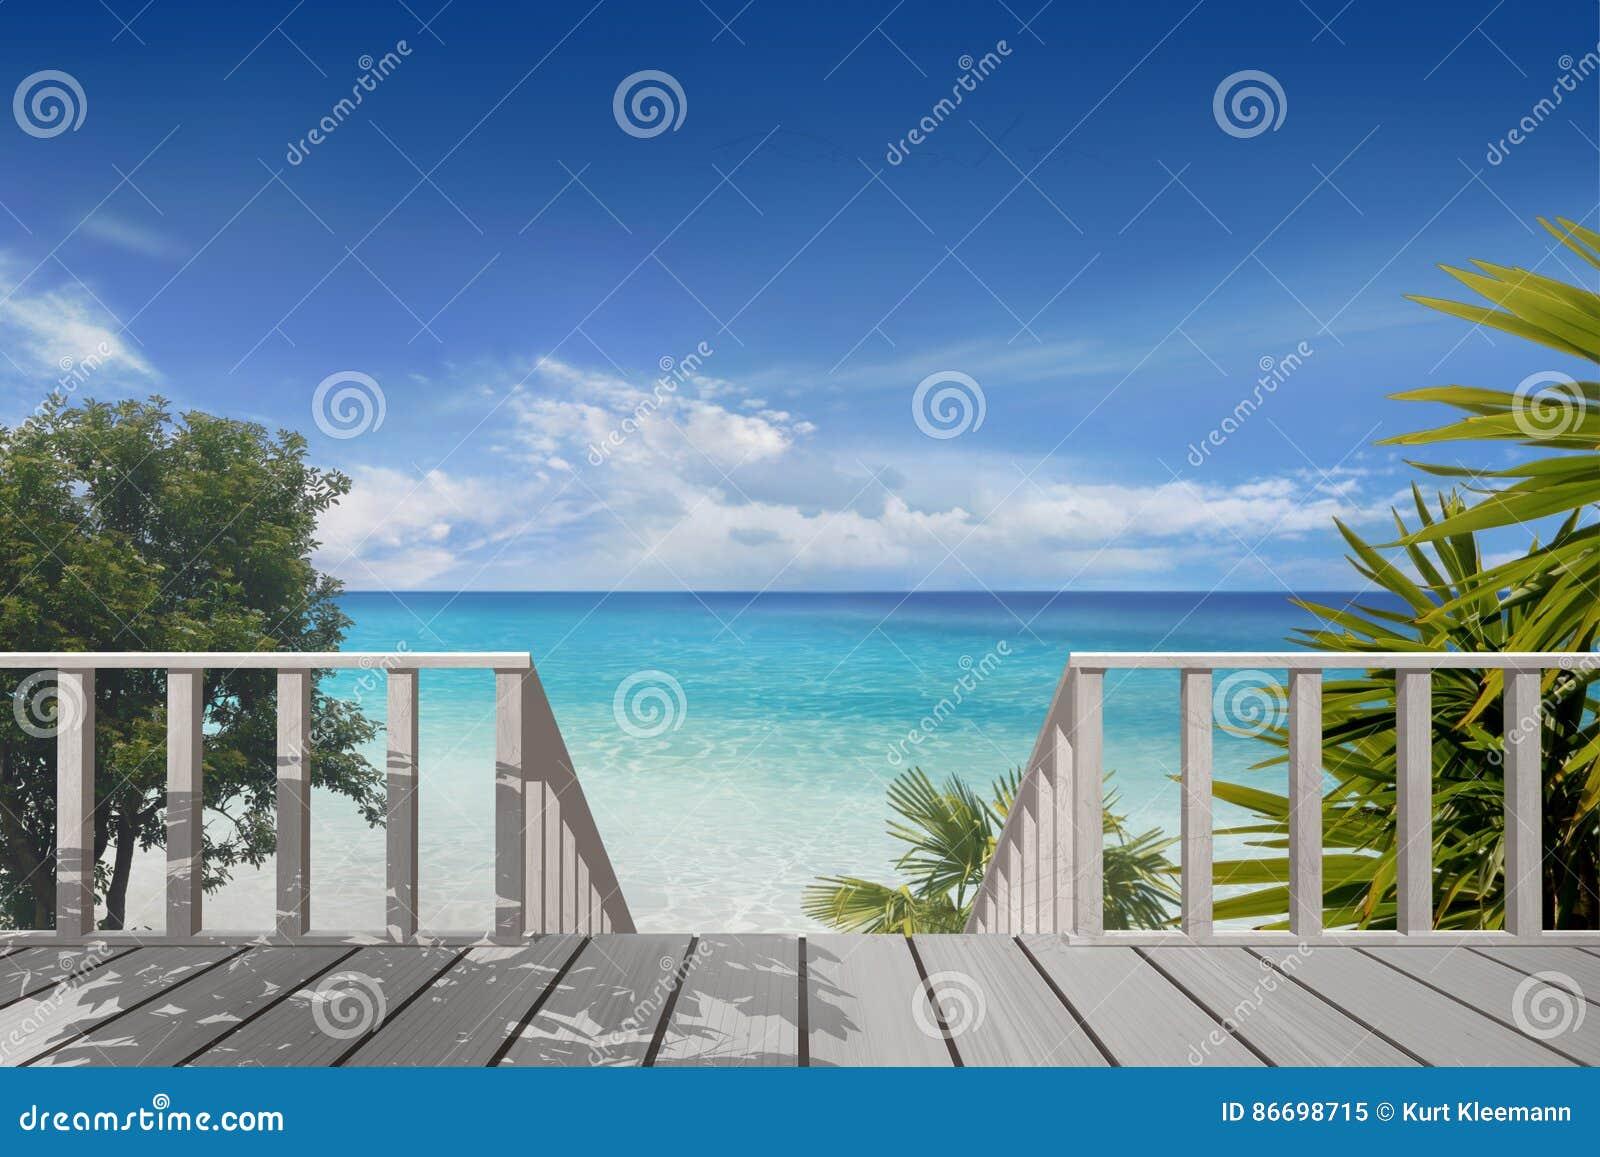 Balkong på en strand